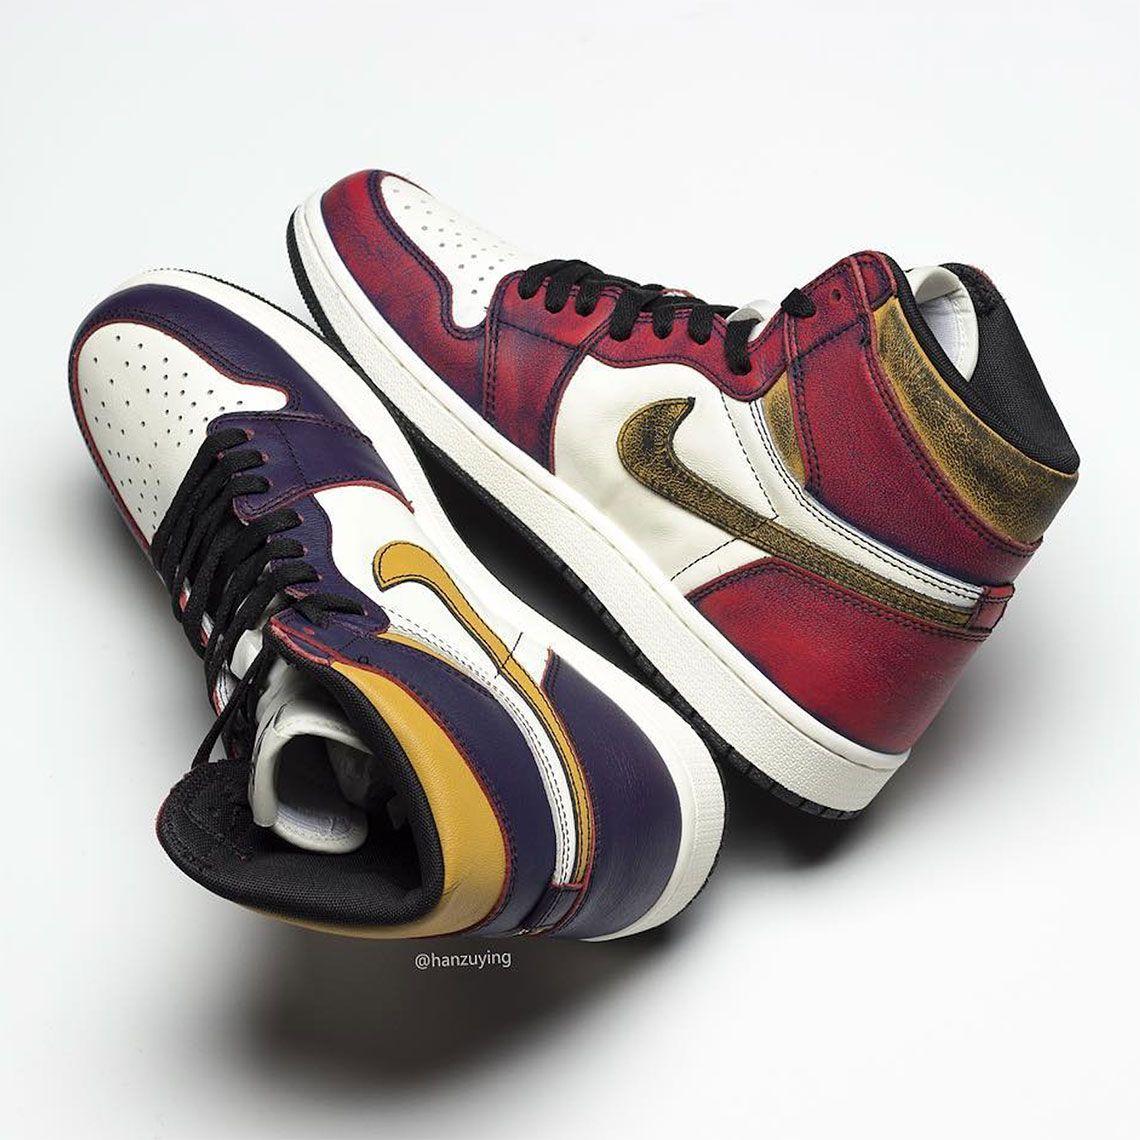 Air Jordan 1 SB Shoes - Lakers Bulls